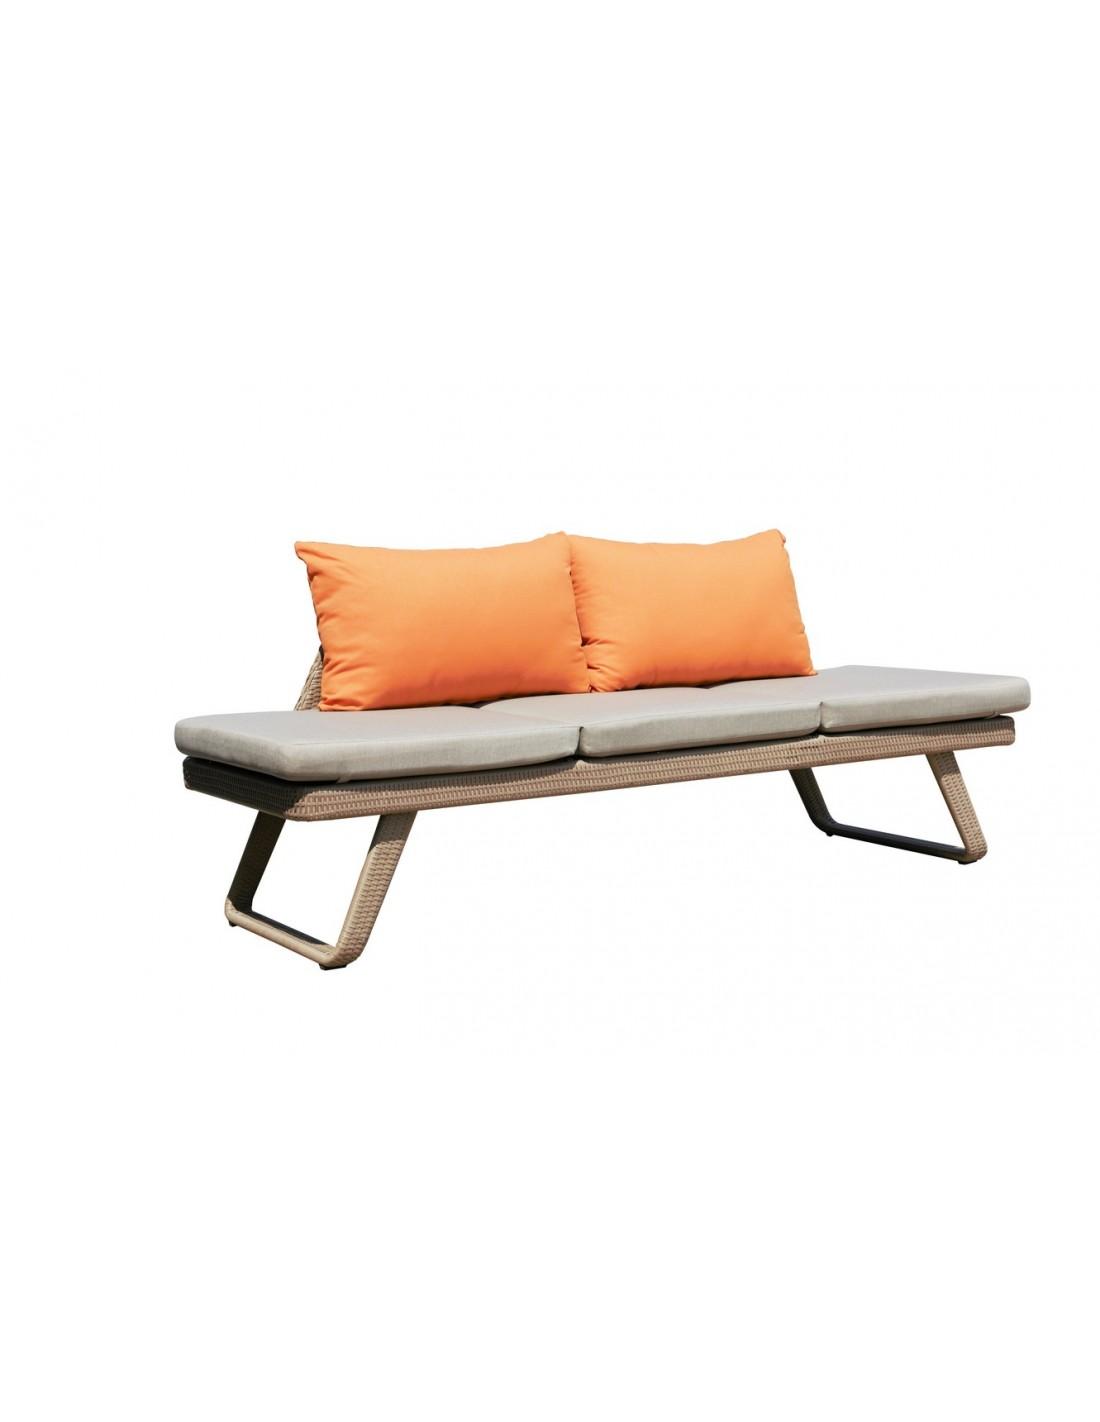 Bain de soleil convertible en canap lofa r sine naturel for Canape de jardin gris